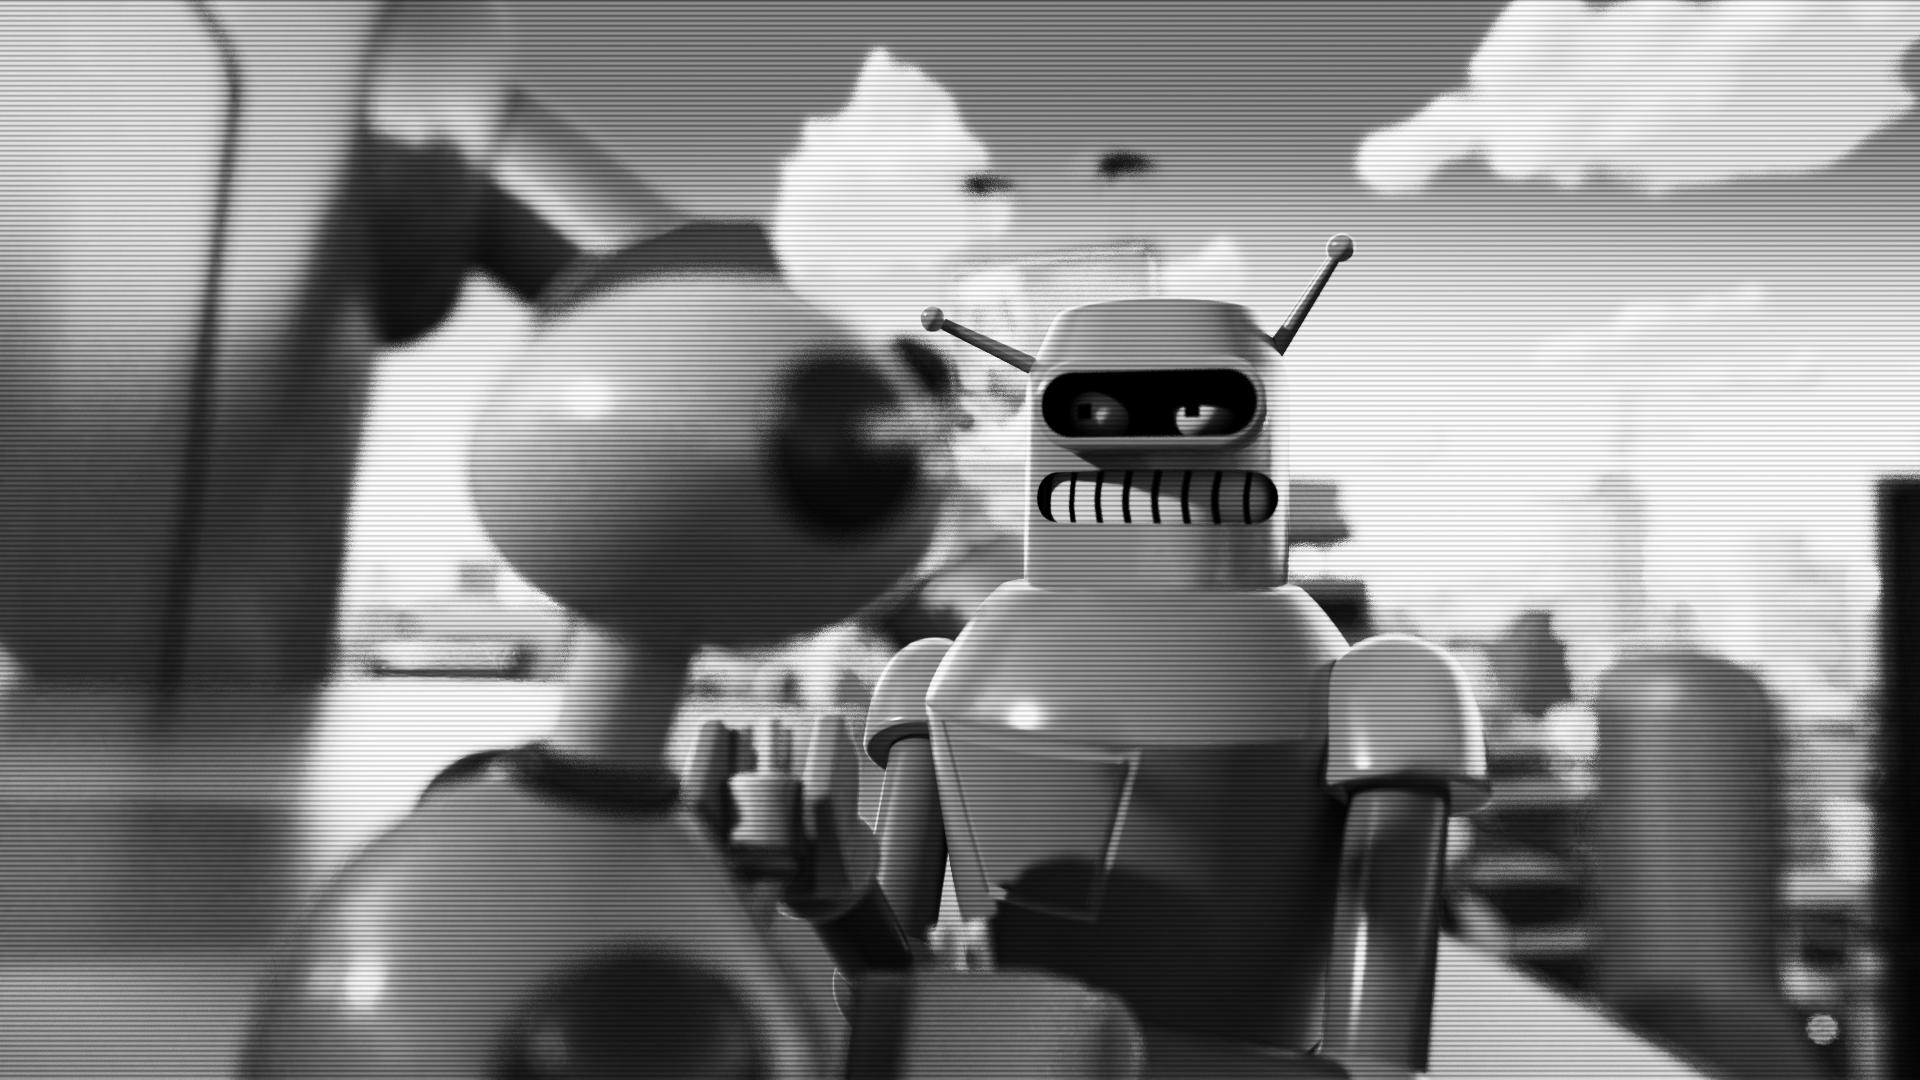 Bender_V02 (0-00-27-14)